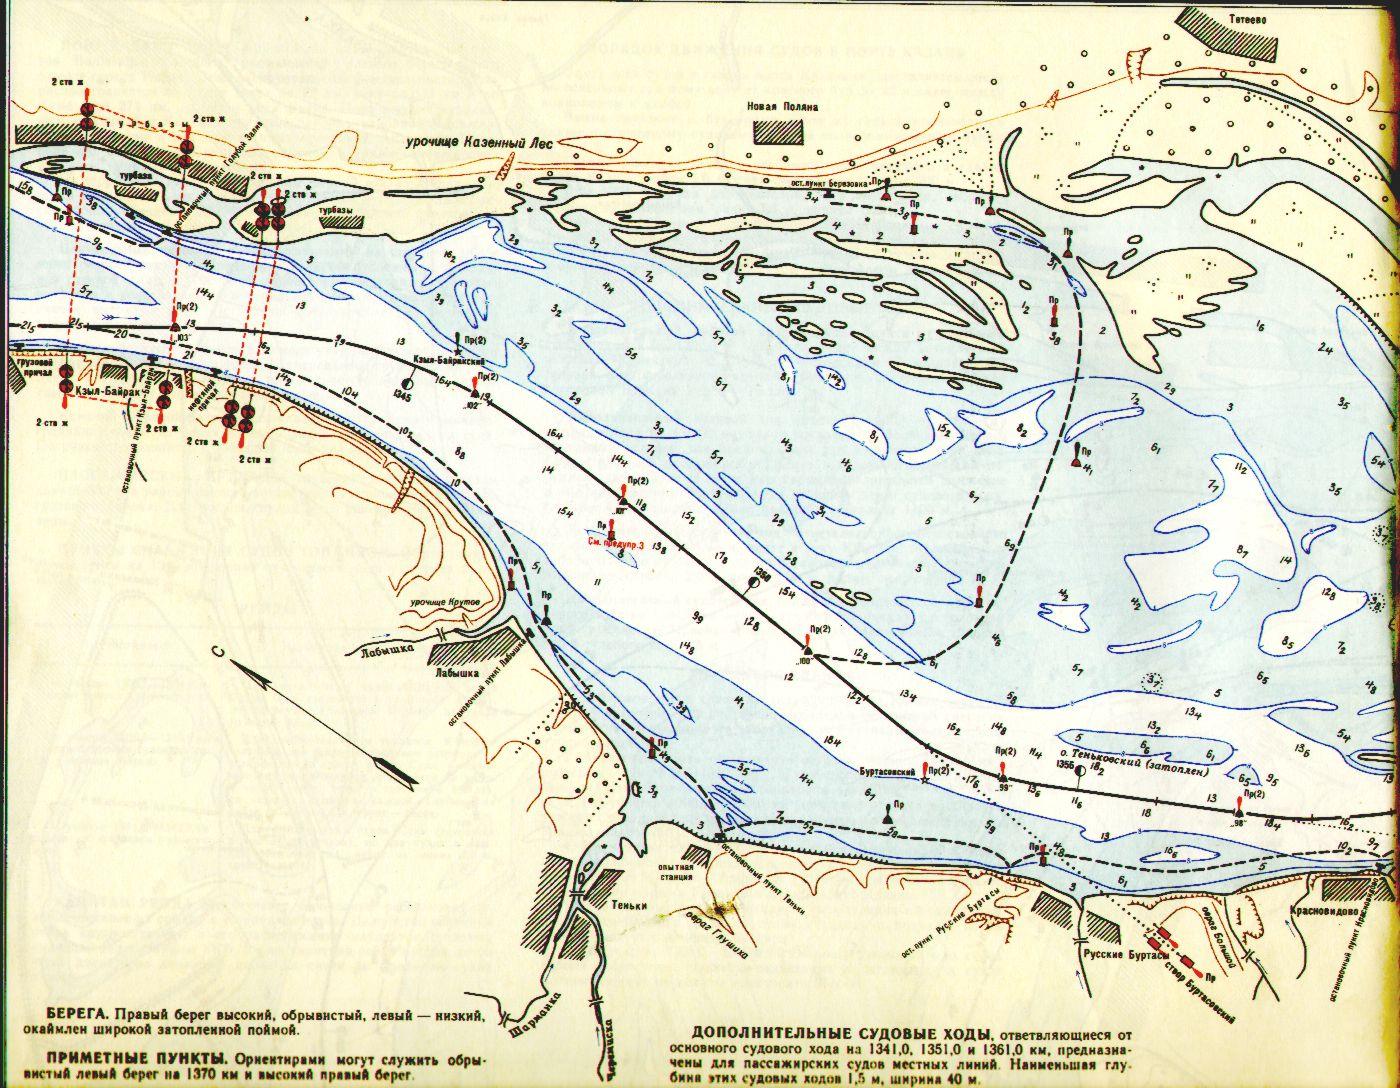 лоцманская карта самарского водохранилища было одним самых